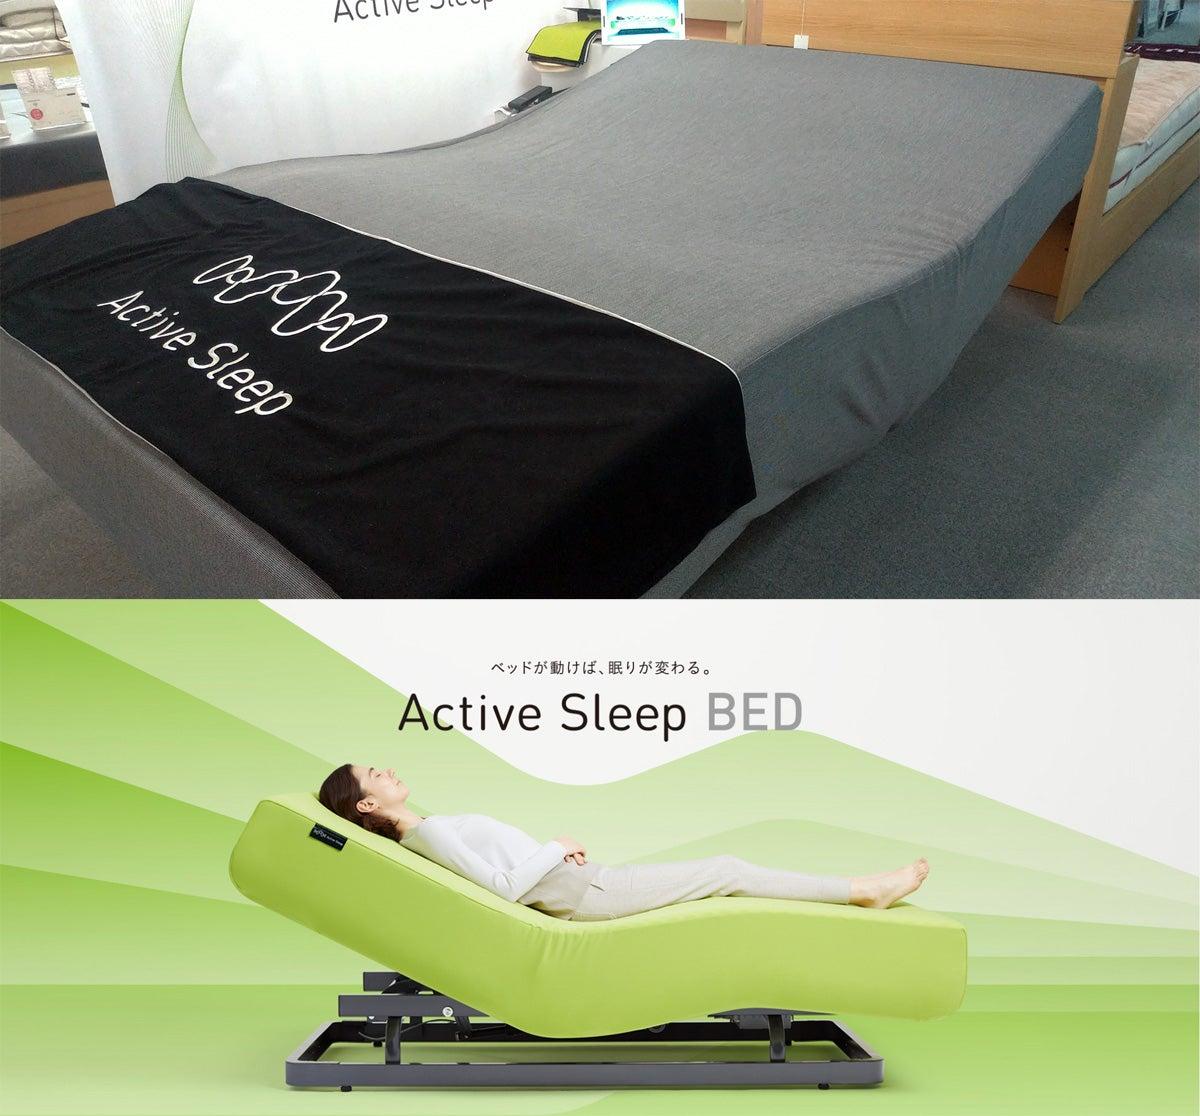 ベッド アクティブ 値段 スリープ